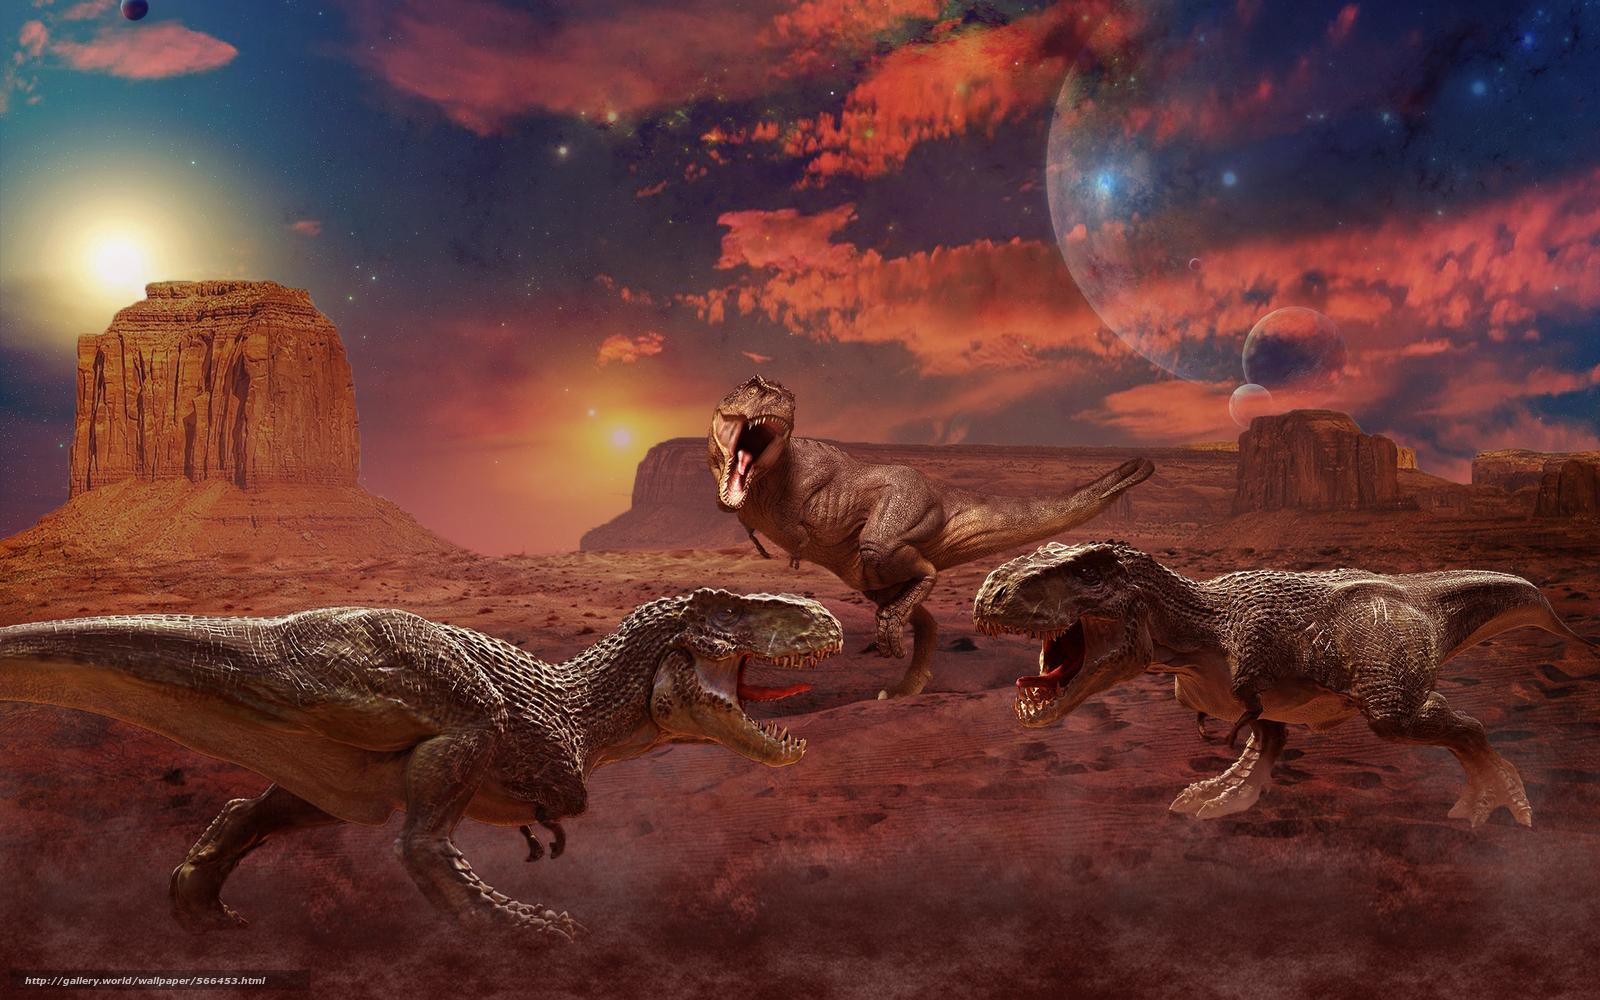 wallpaper tyrannosaurus rex dinosaurs 3d desktop wallpaper 1600x1000